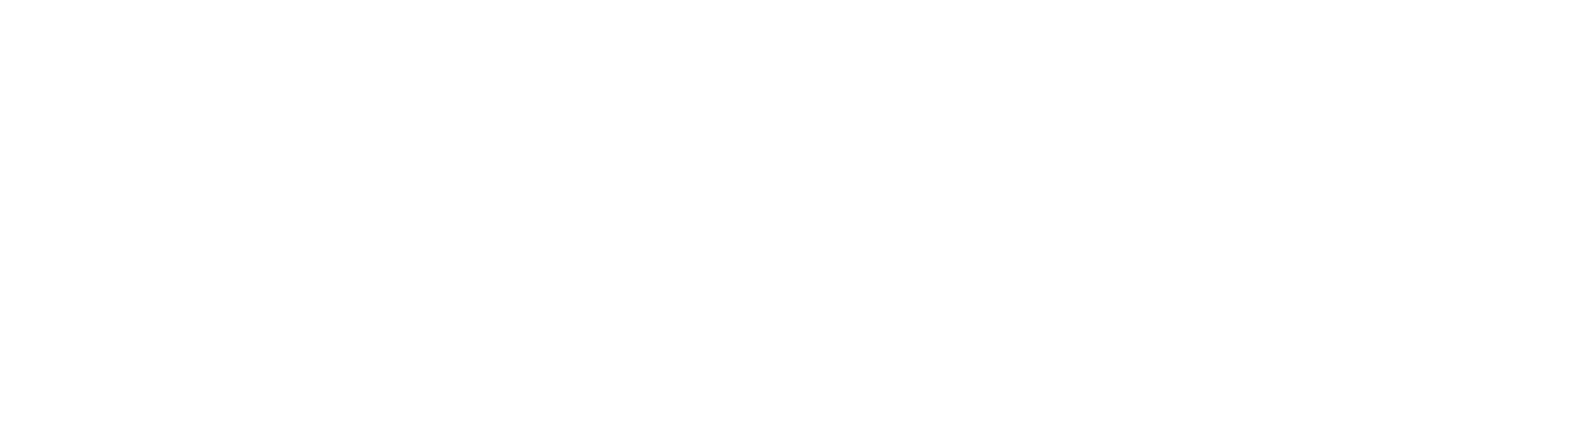 Alva_Brand_Logo_01_white